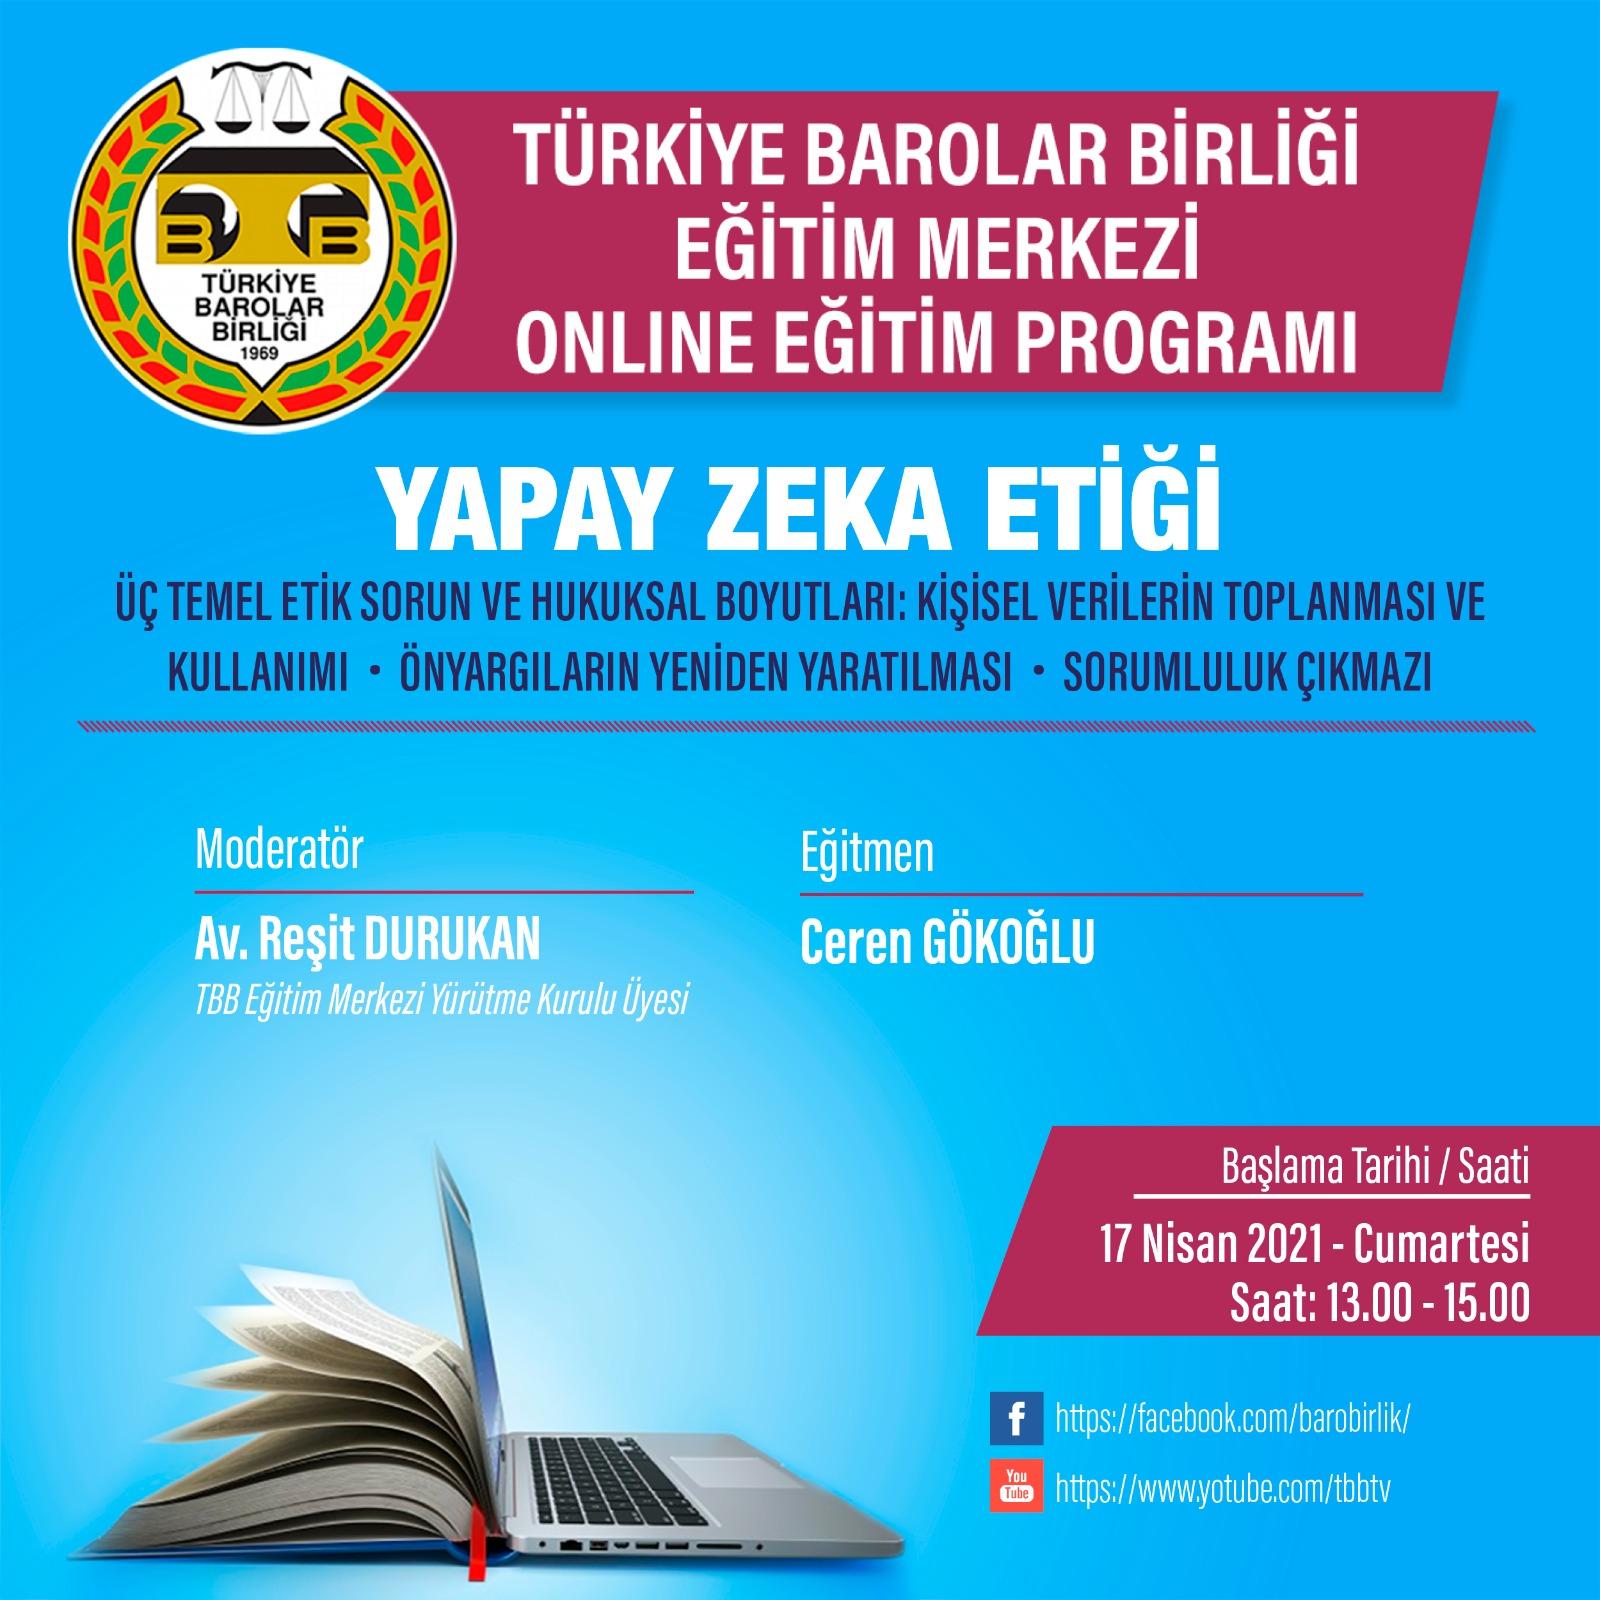 TBB Eğitim Merkezi Online Eğitim 17.04.2021